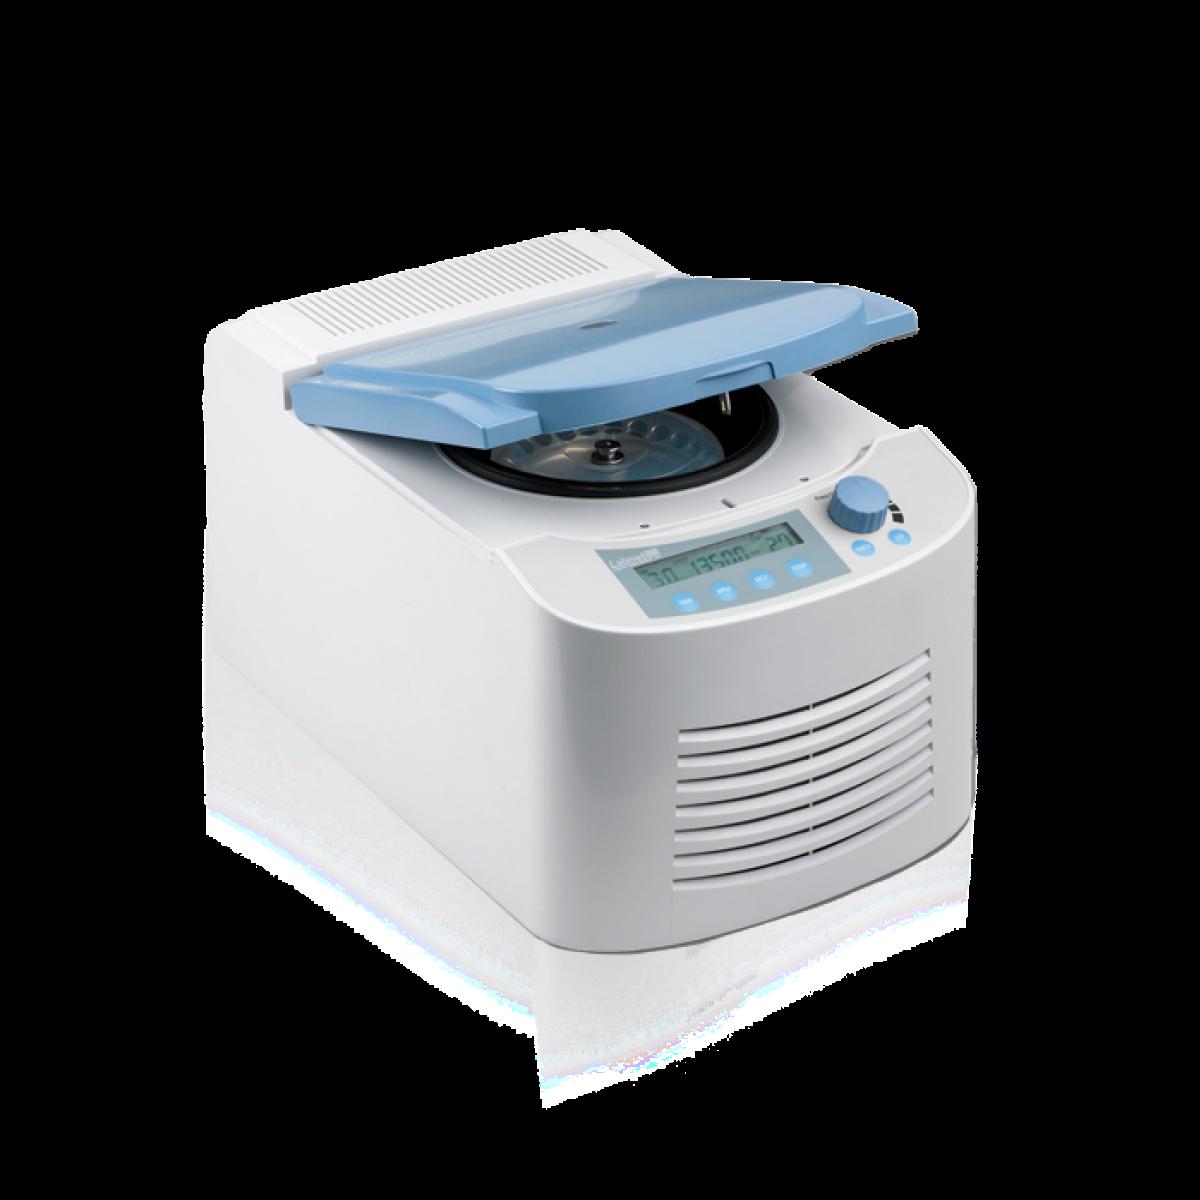 Laboratory centrifuges